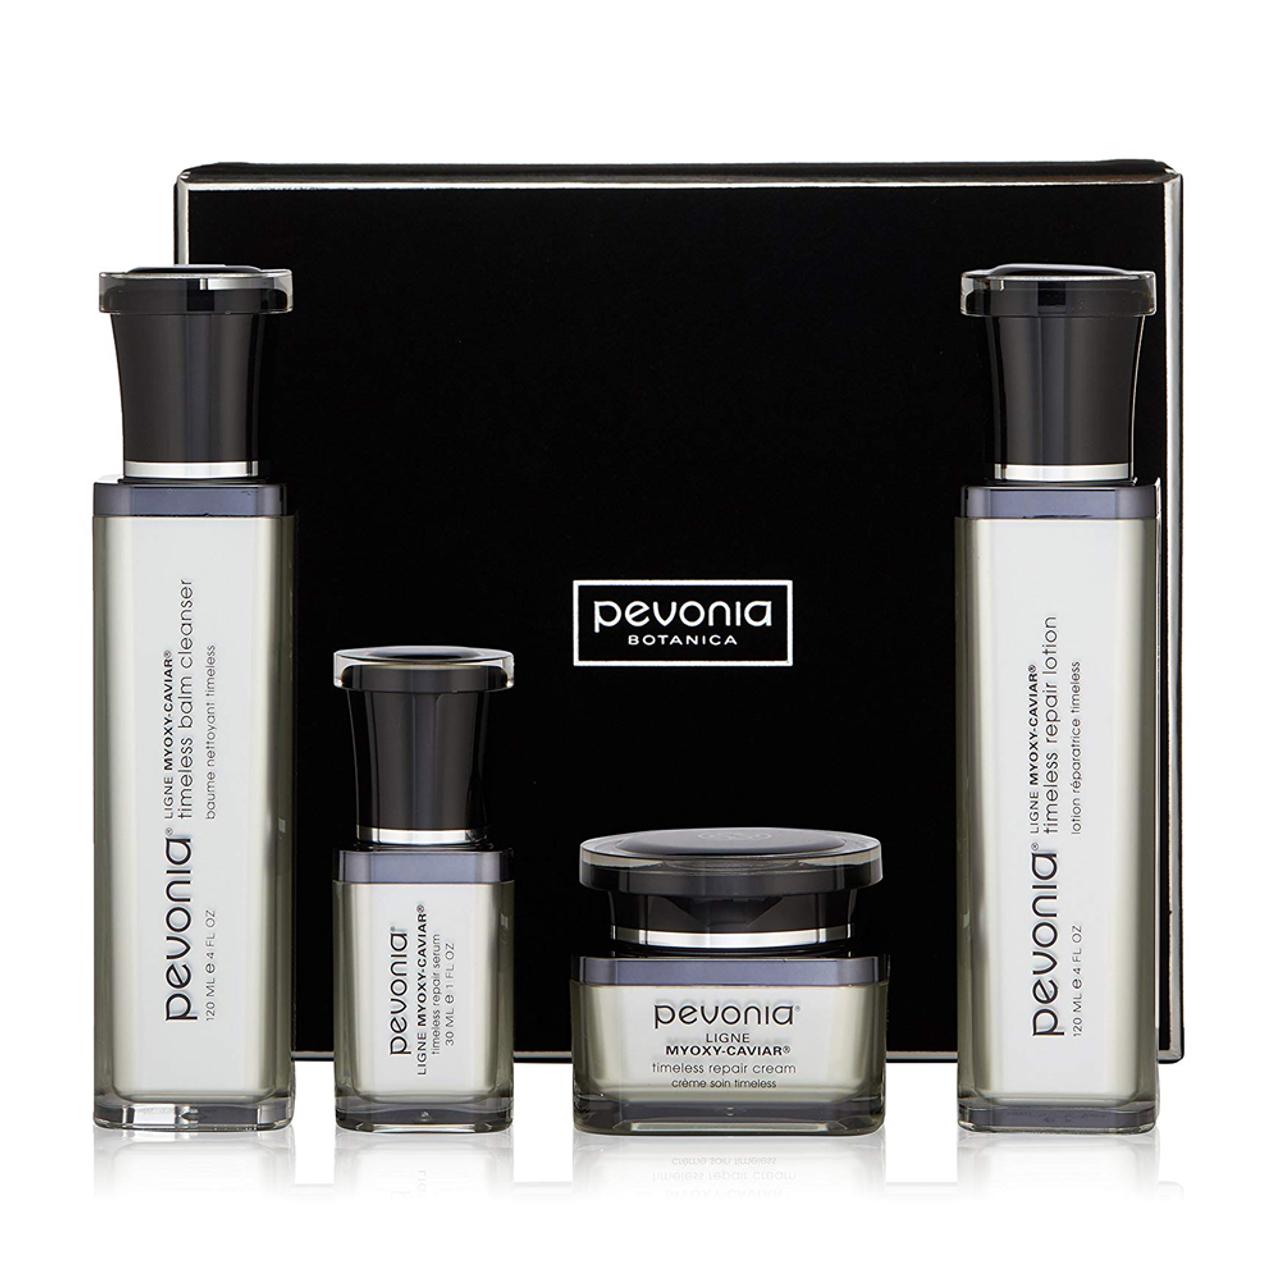 Pevonia Myoxy-Caviar Luxurious Gift Box